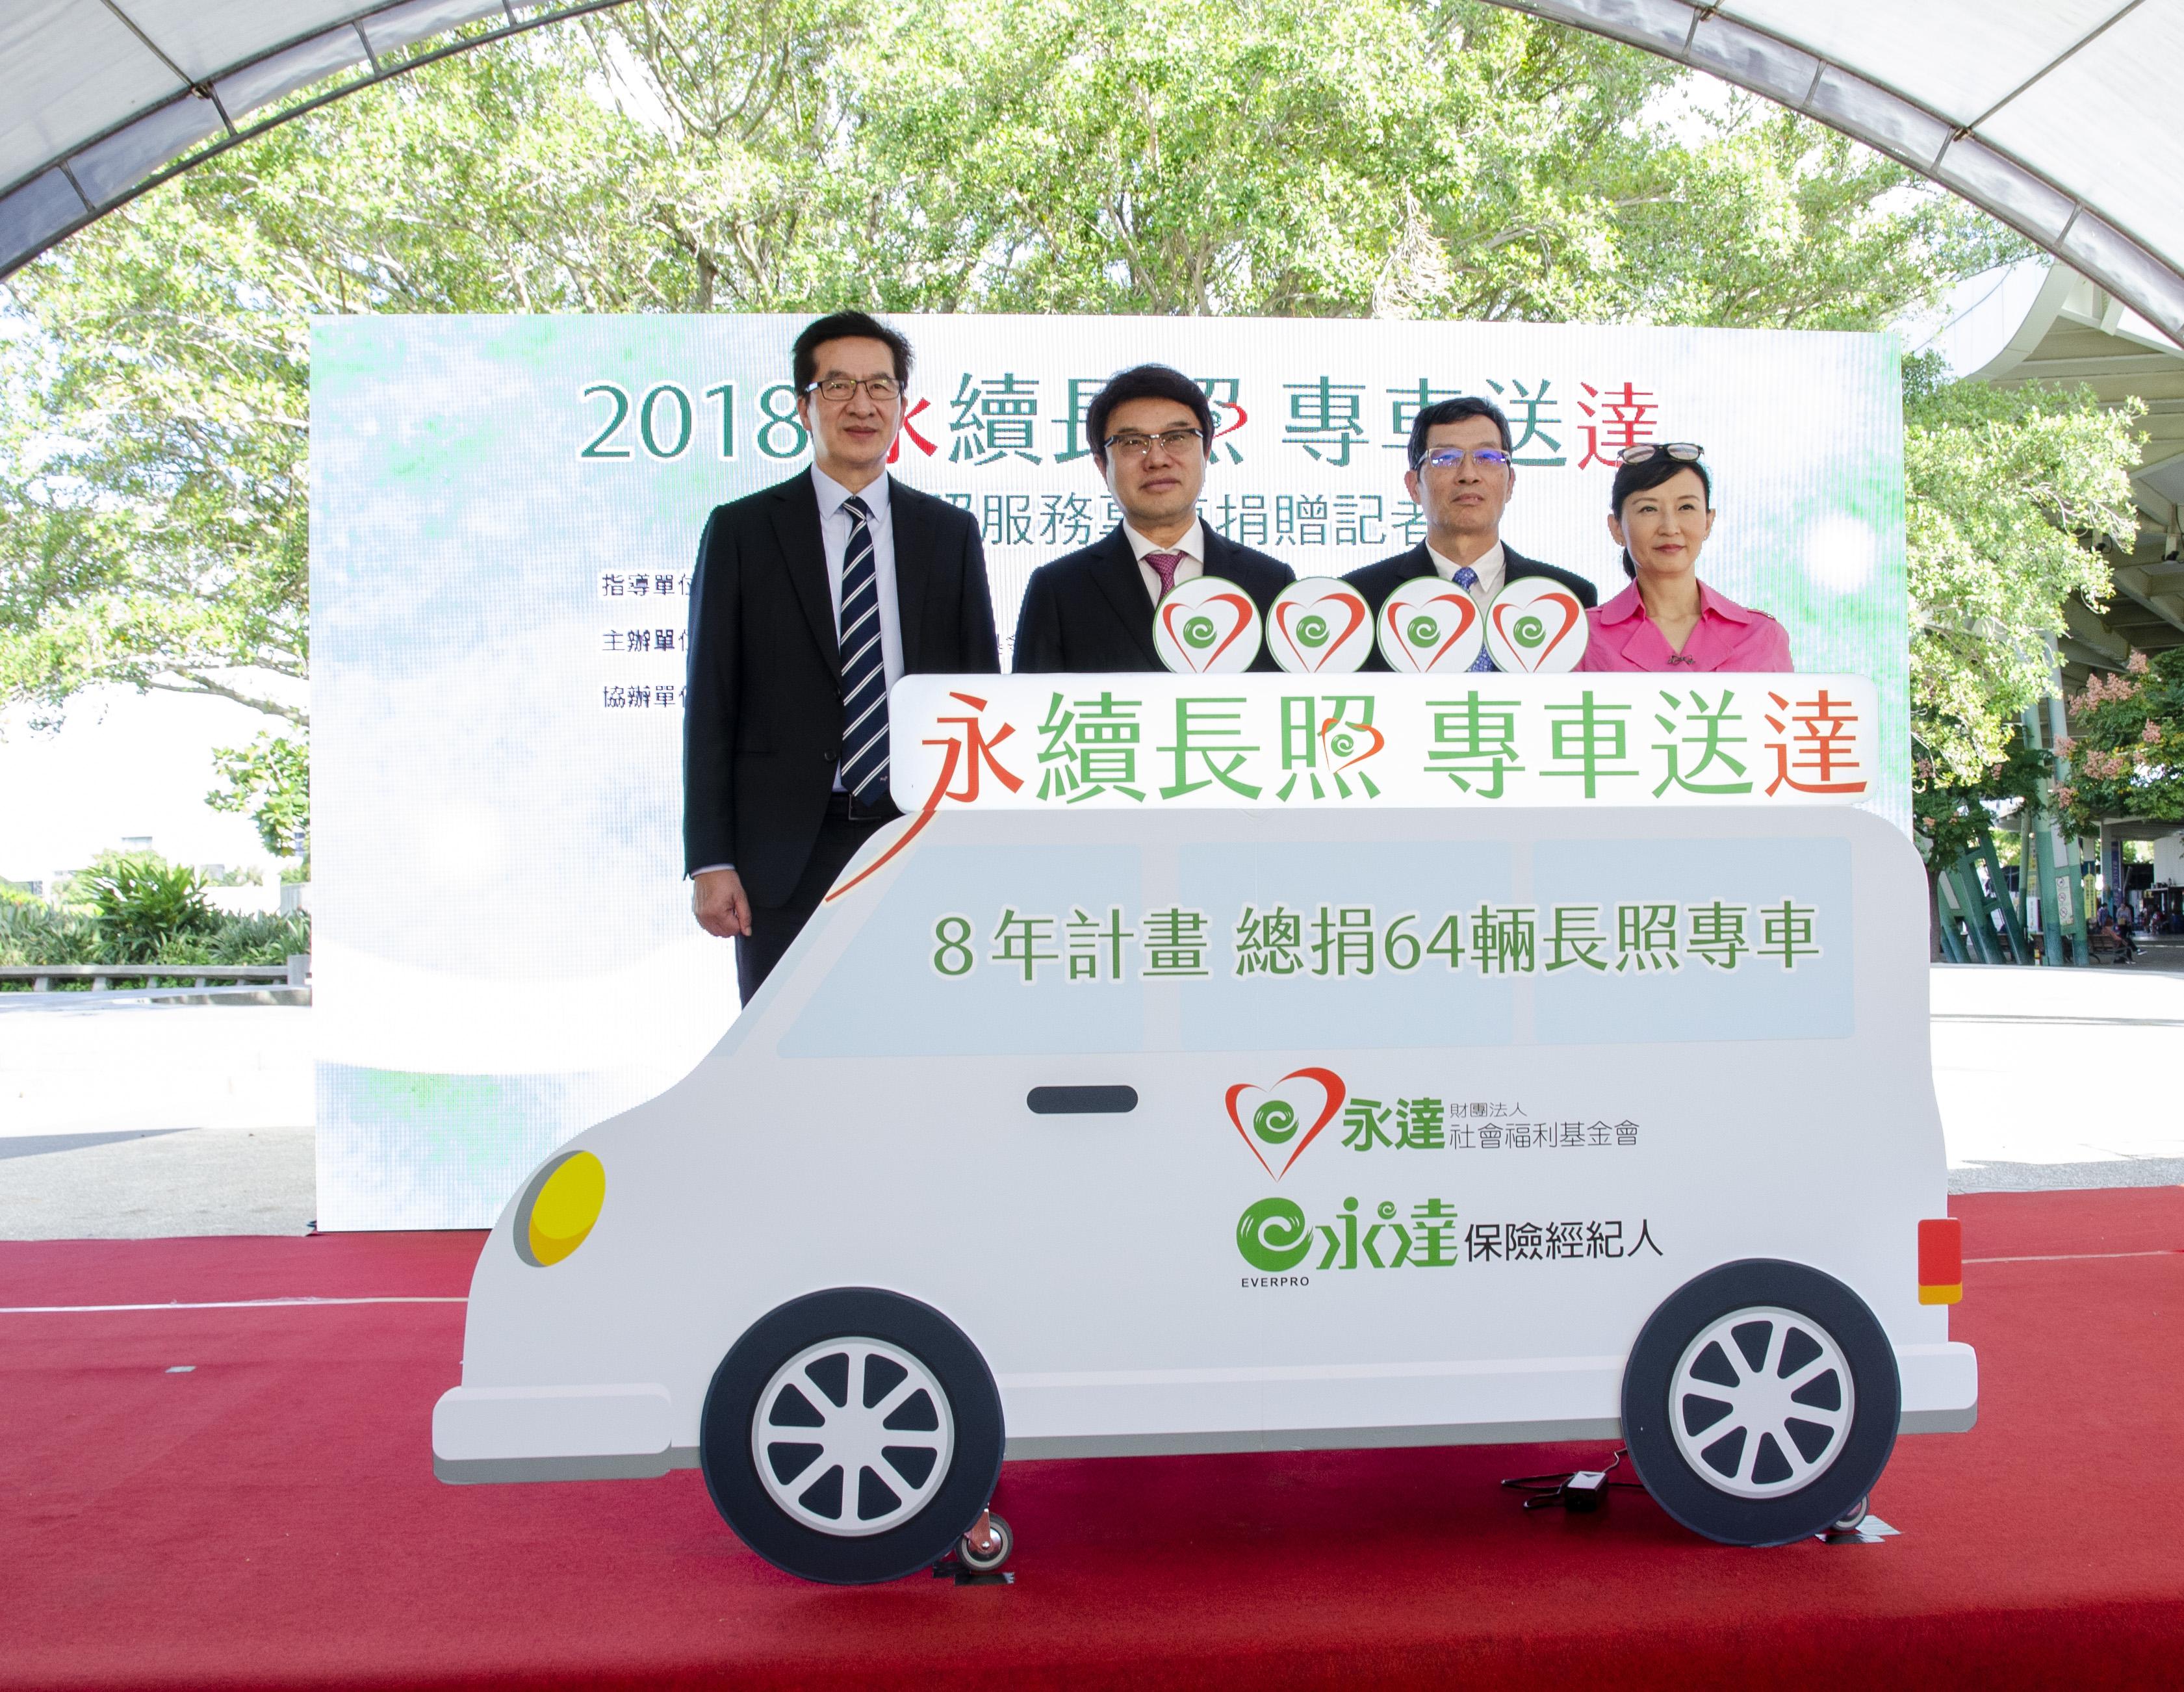 (右3起)永達保經吳文永董事長、陳慶鴻總經理、(左3起)衛福部楊世華主任秘書與永達基金會汪用和執行長共同啟動「永續長照 專車送達」8年捐贈64輛長照專車計畫。